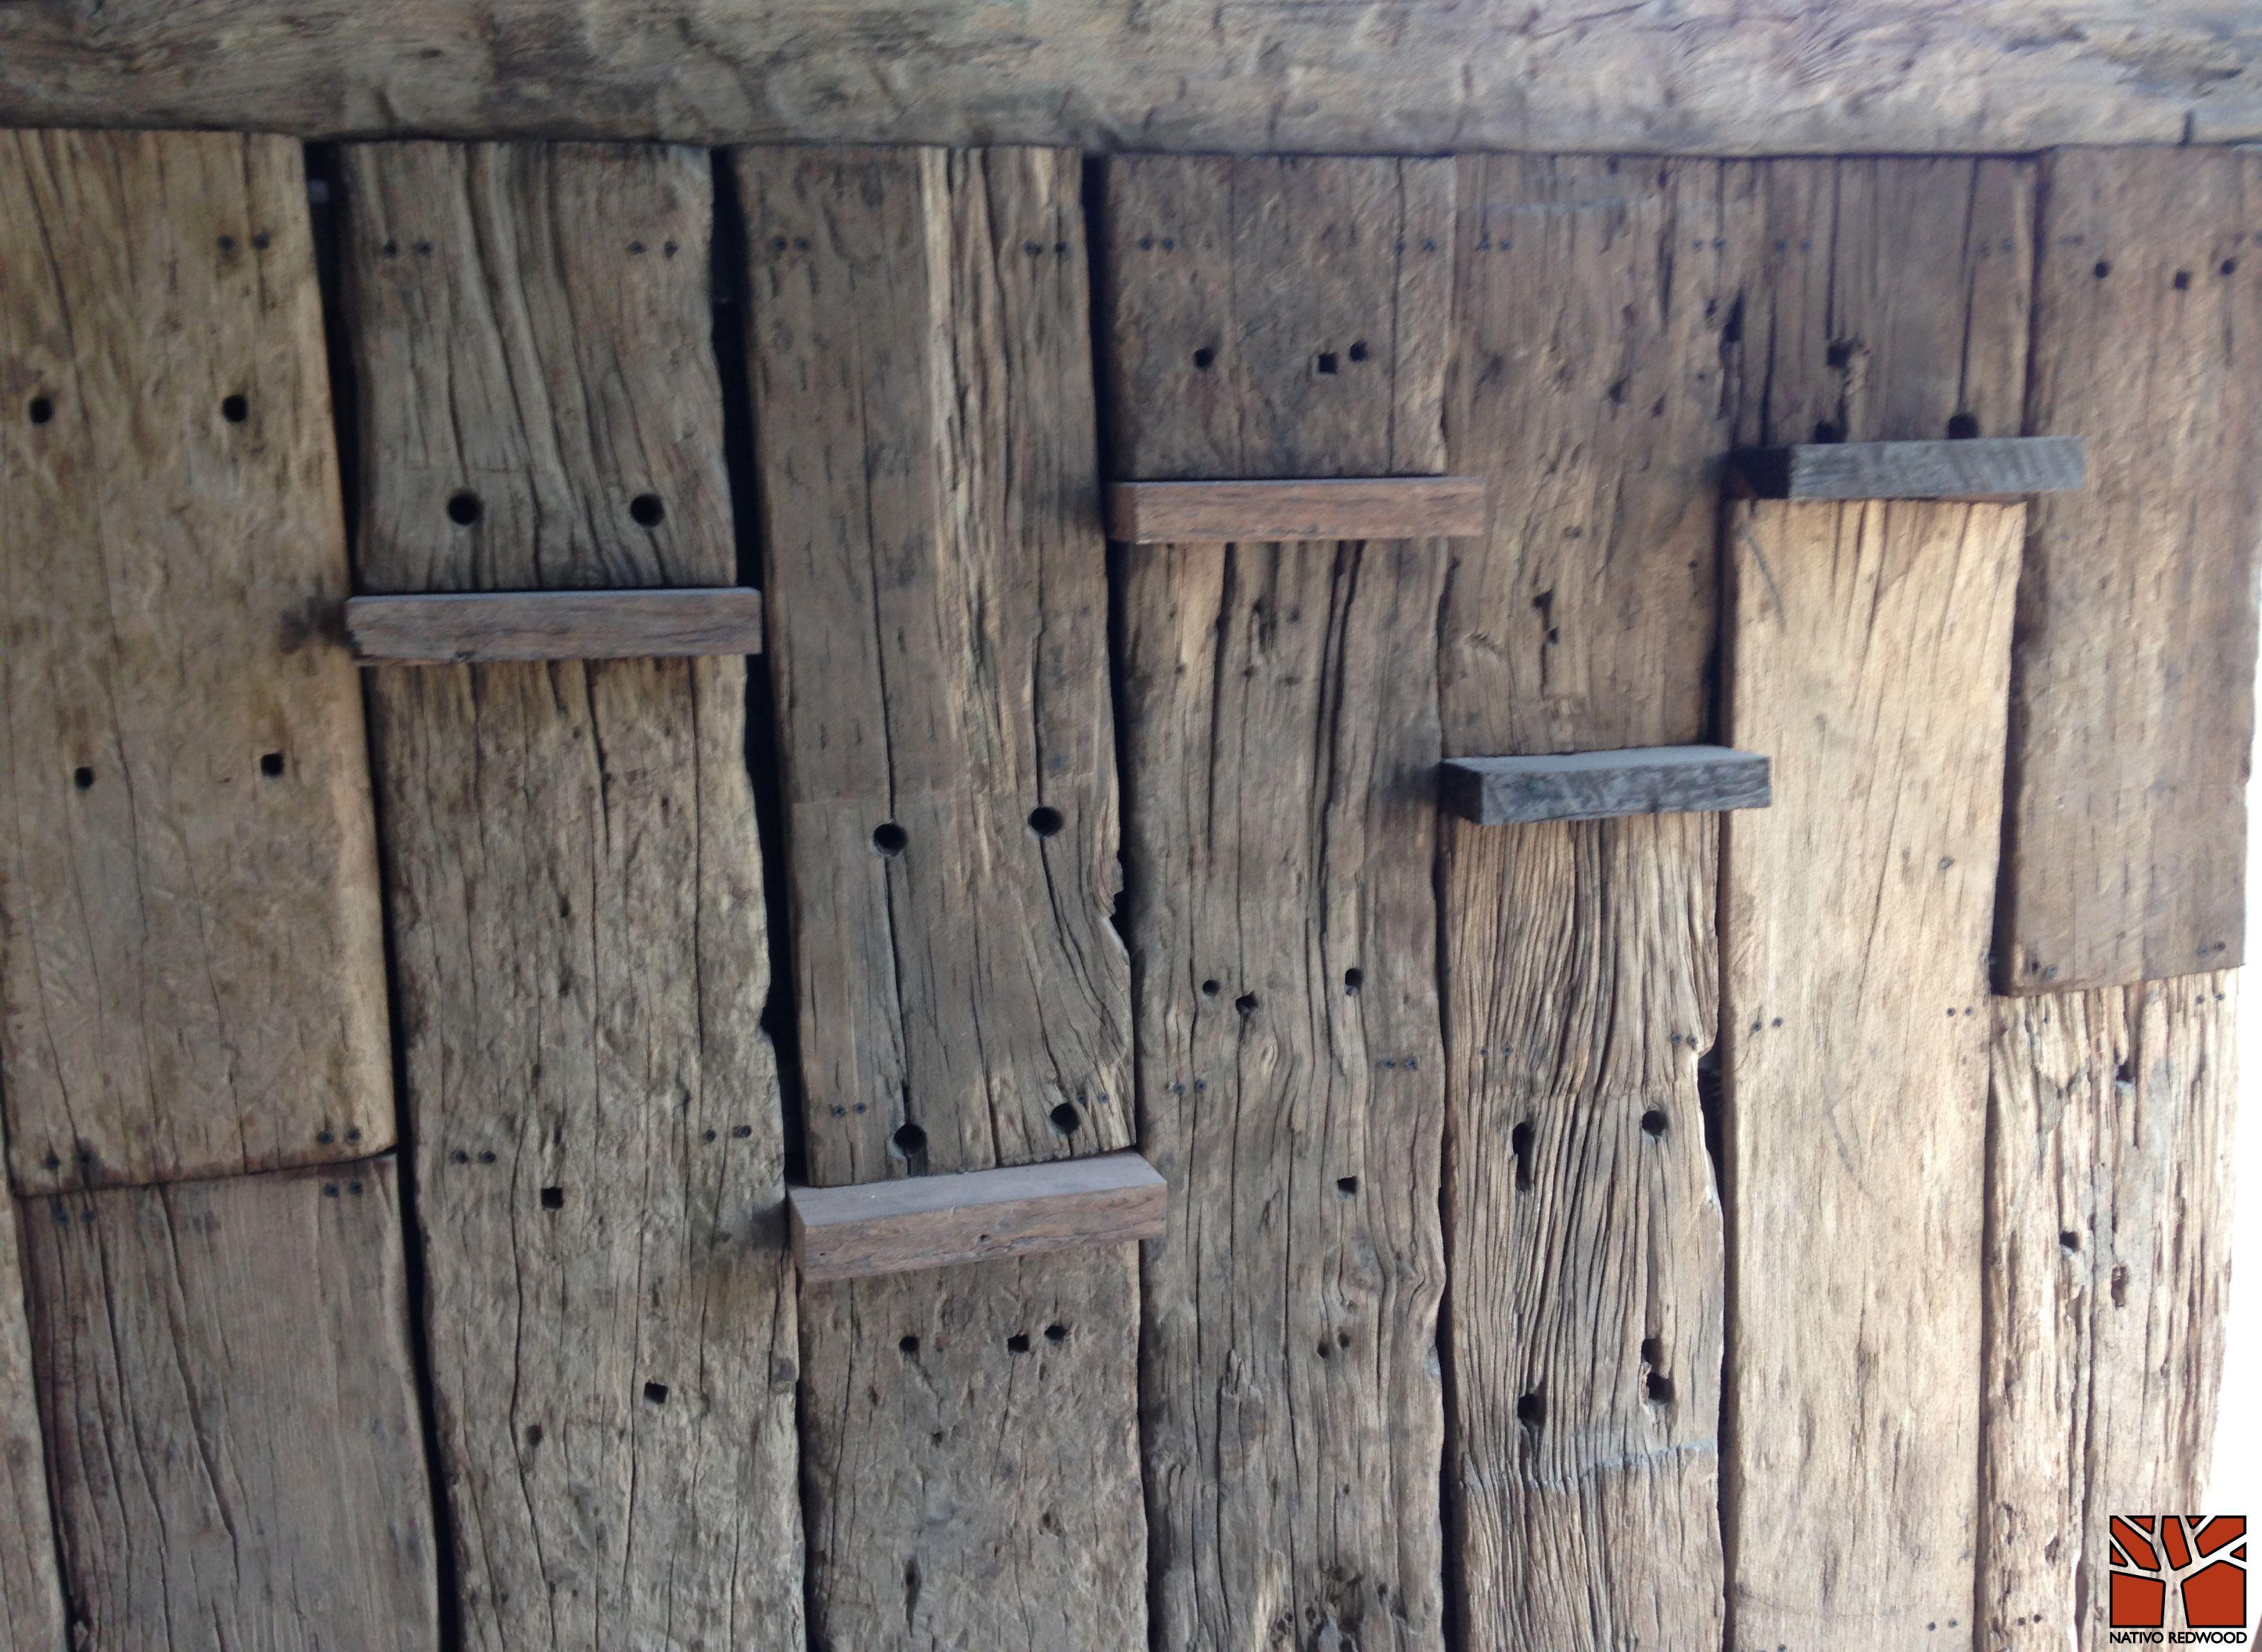 Nativo redwood revestimiento de tablones de durmientes de roble r stico arenados de 25 mm de - Tablones de roble ...